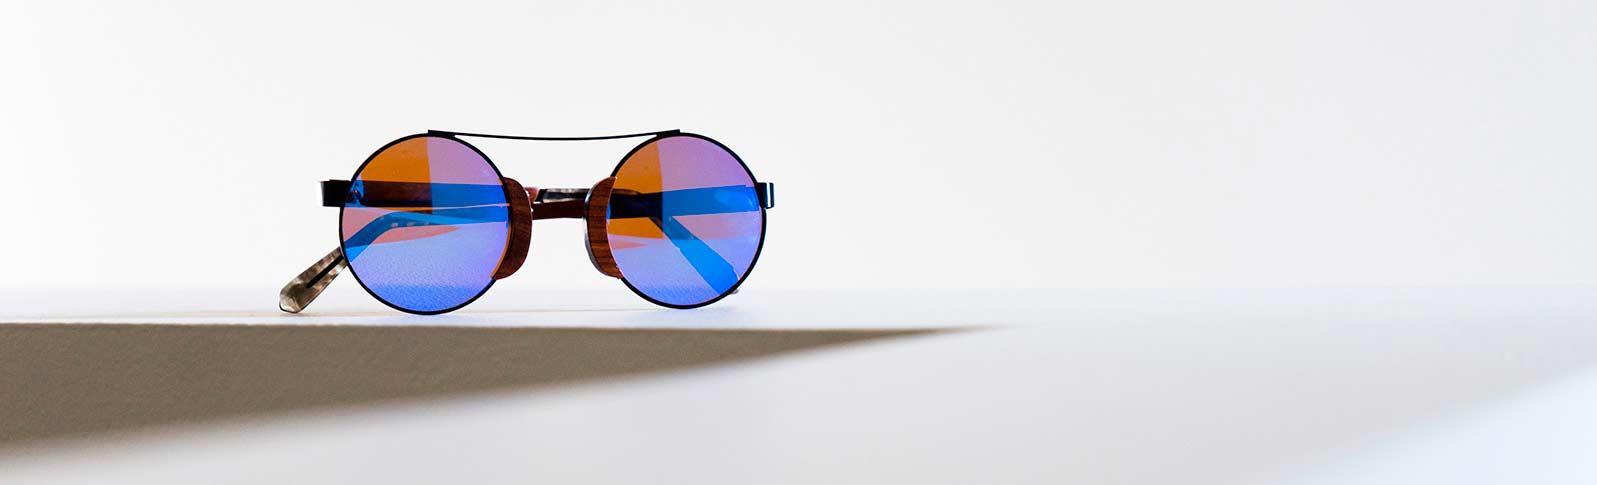 fine solbriller med styrke på et bord